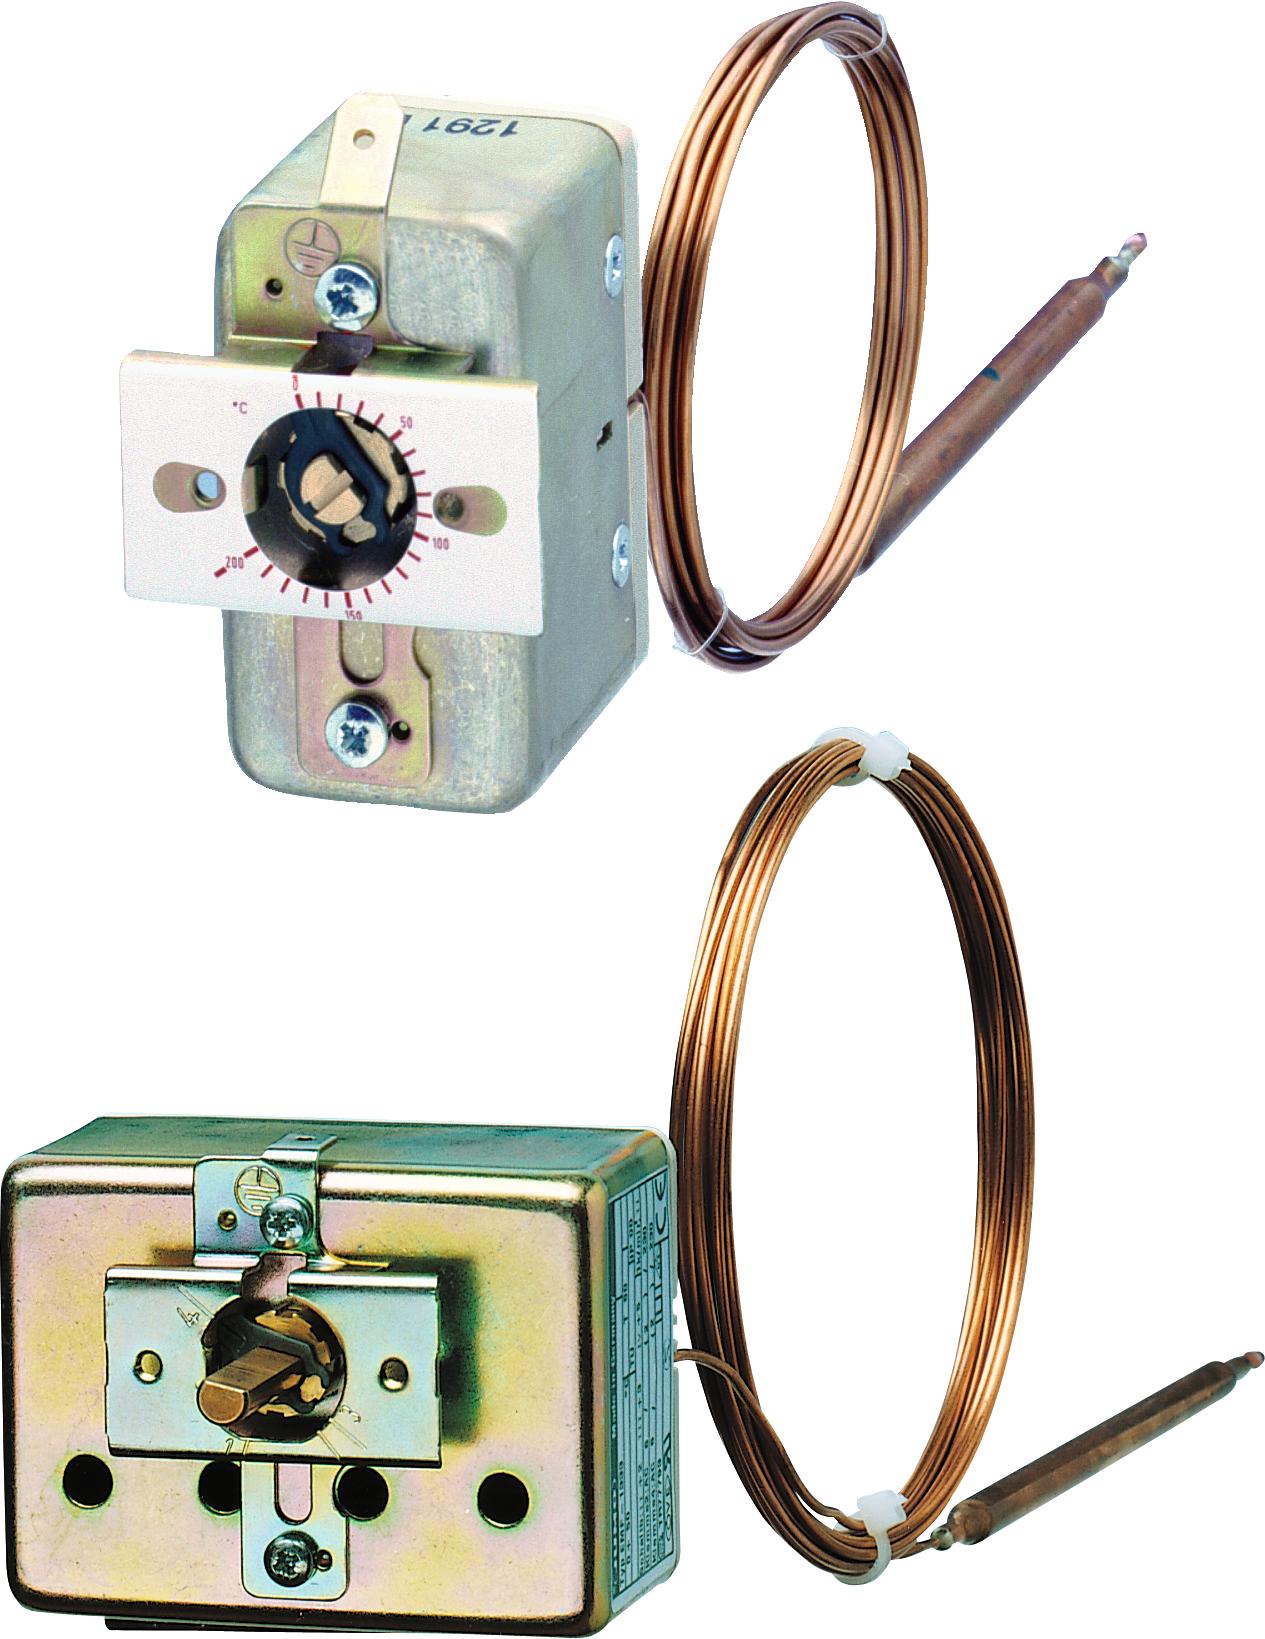 602021_Einbau-Thermostat-EM.tif